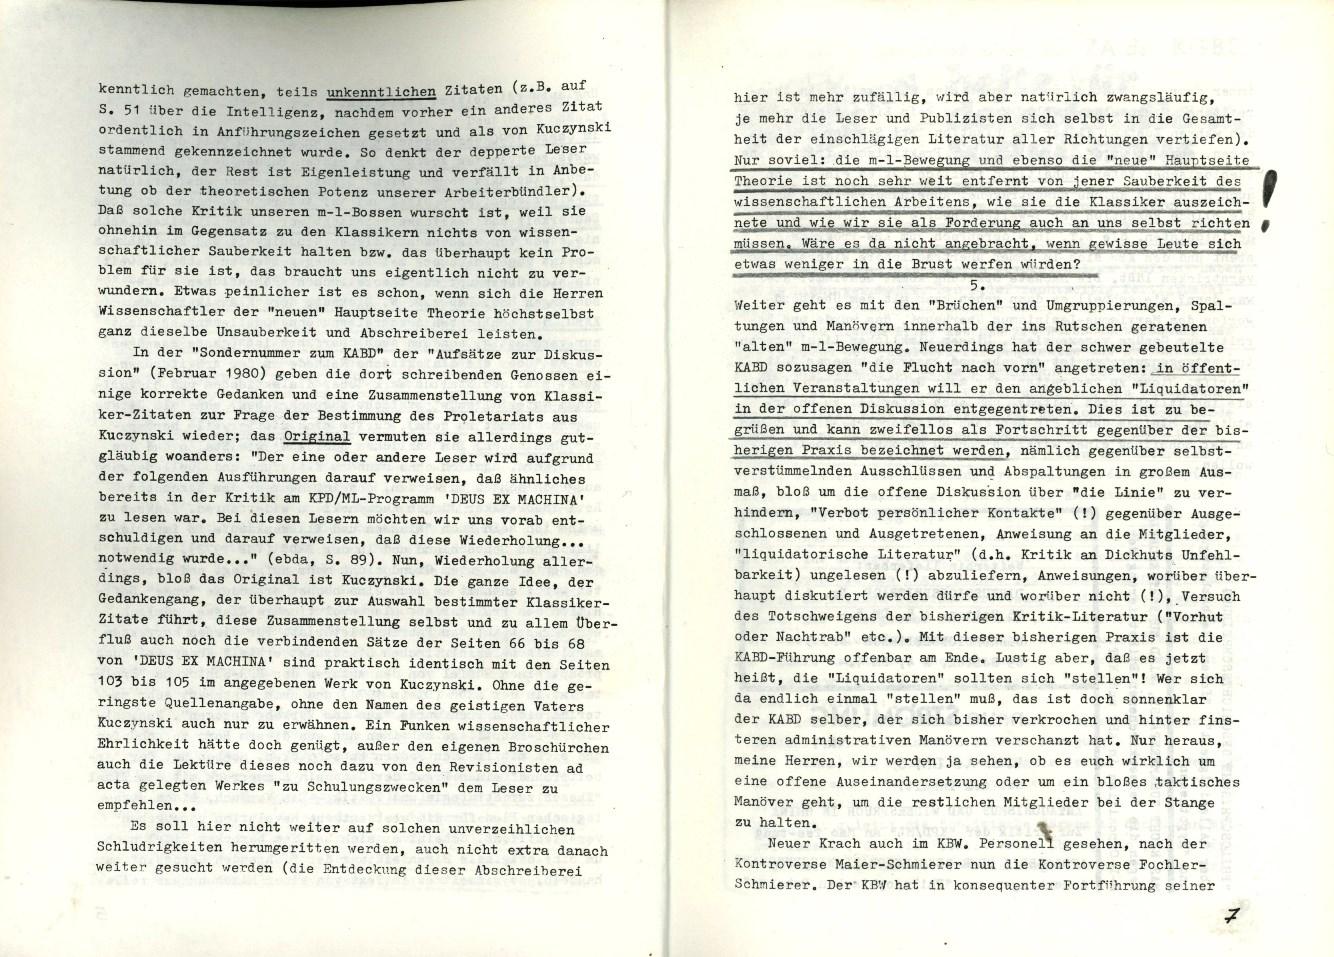 Erlangen_VNS_Neue_Stroemung_1980_02_05